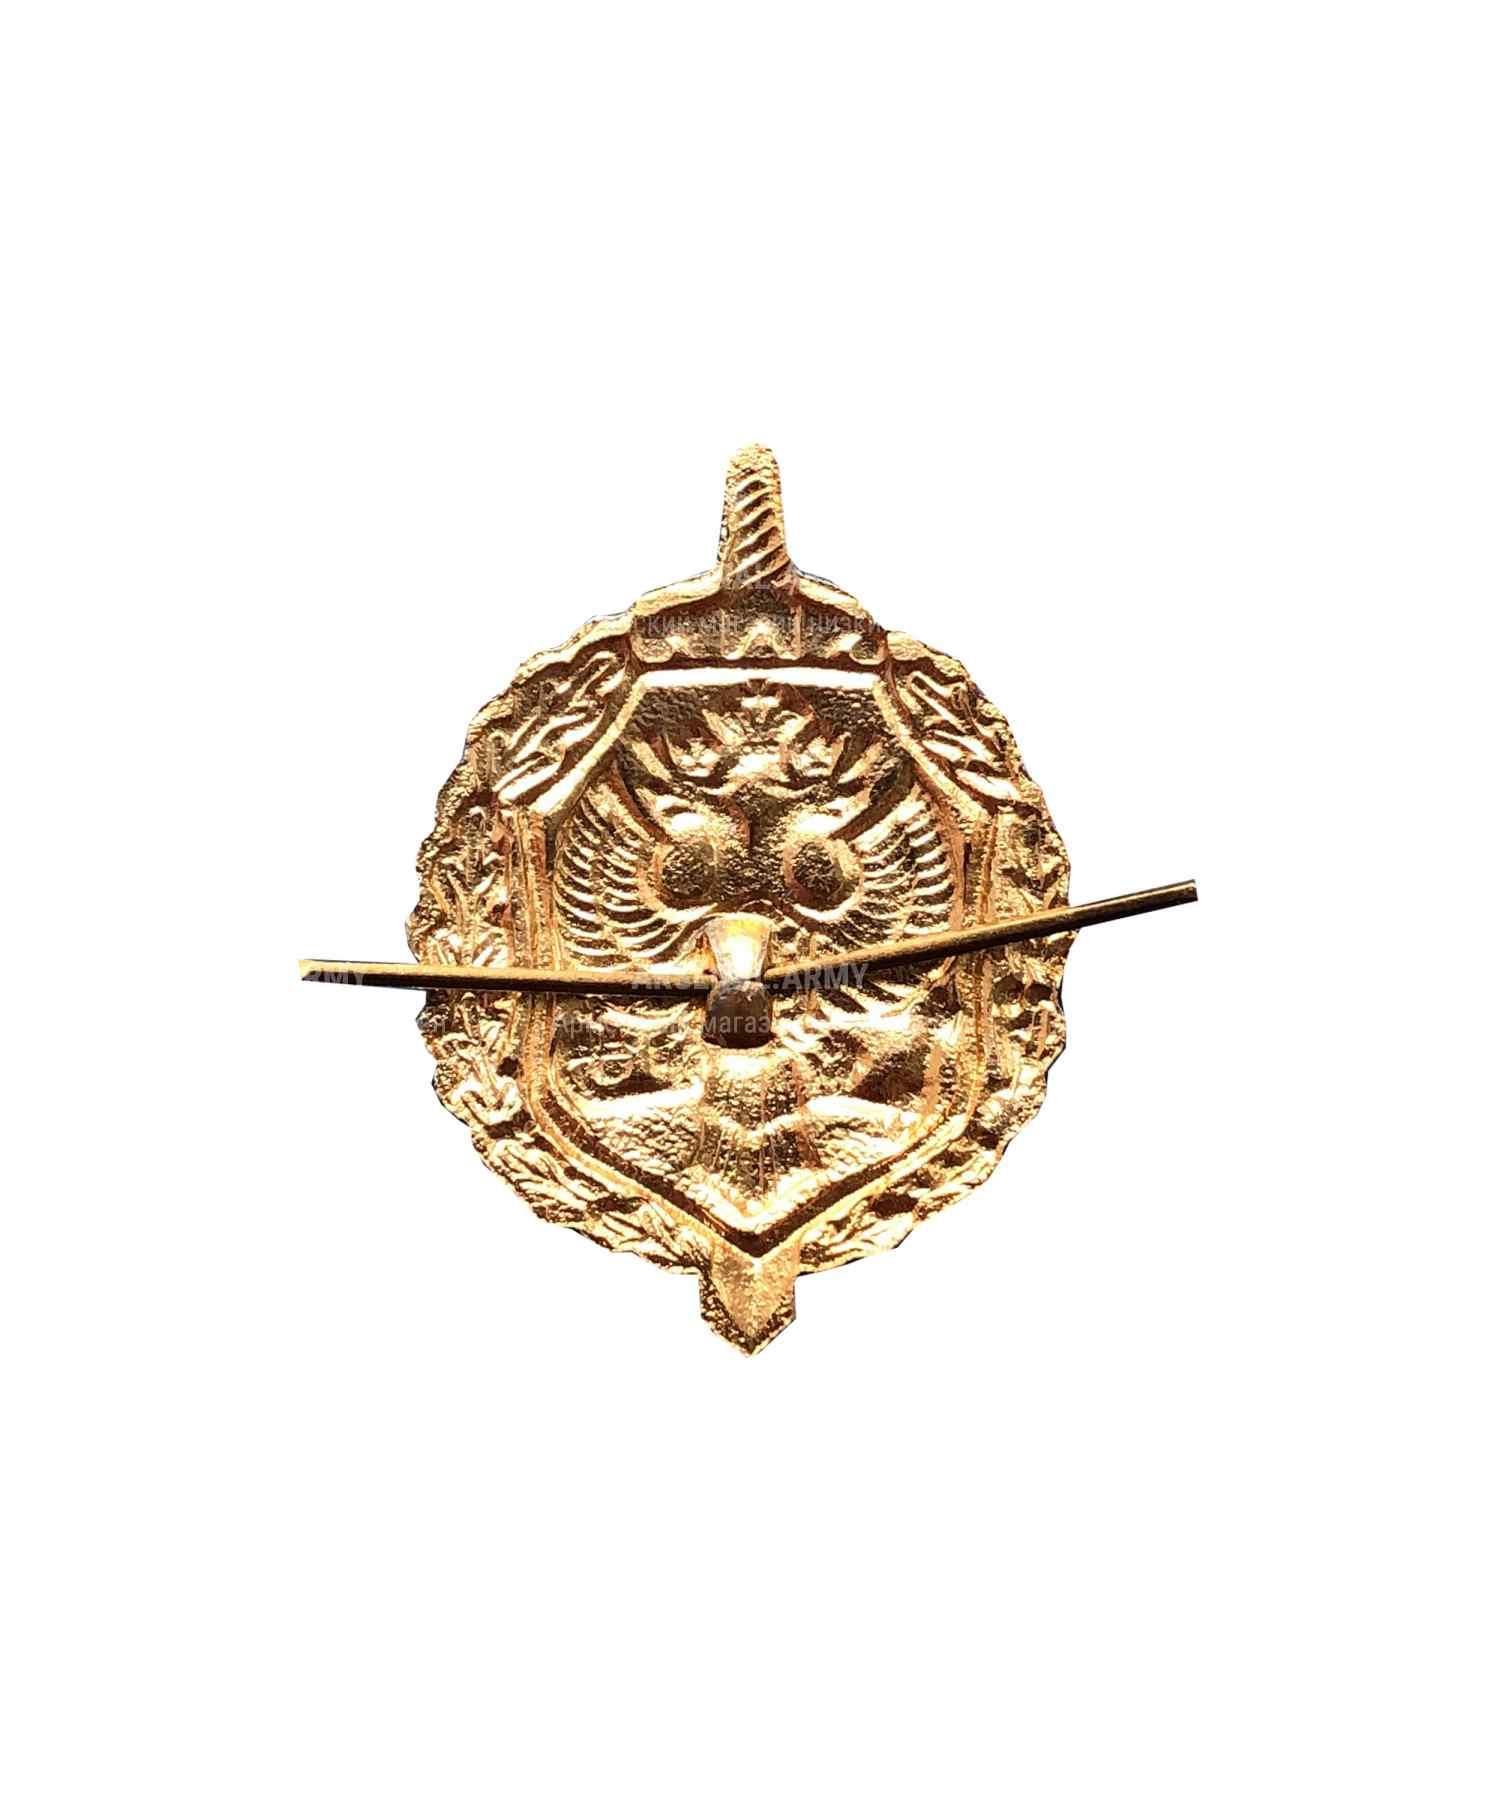 Эмблема ФСБ золото